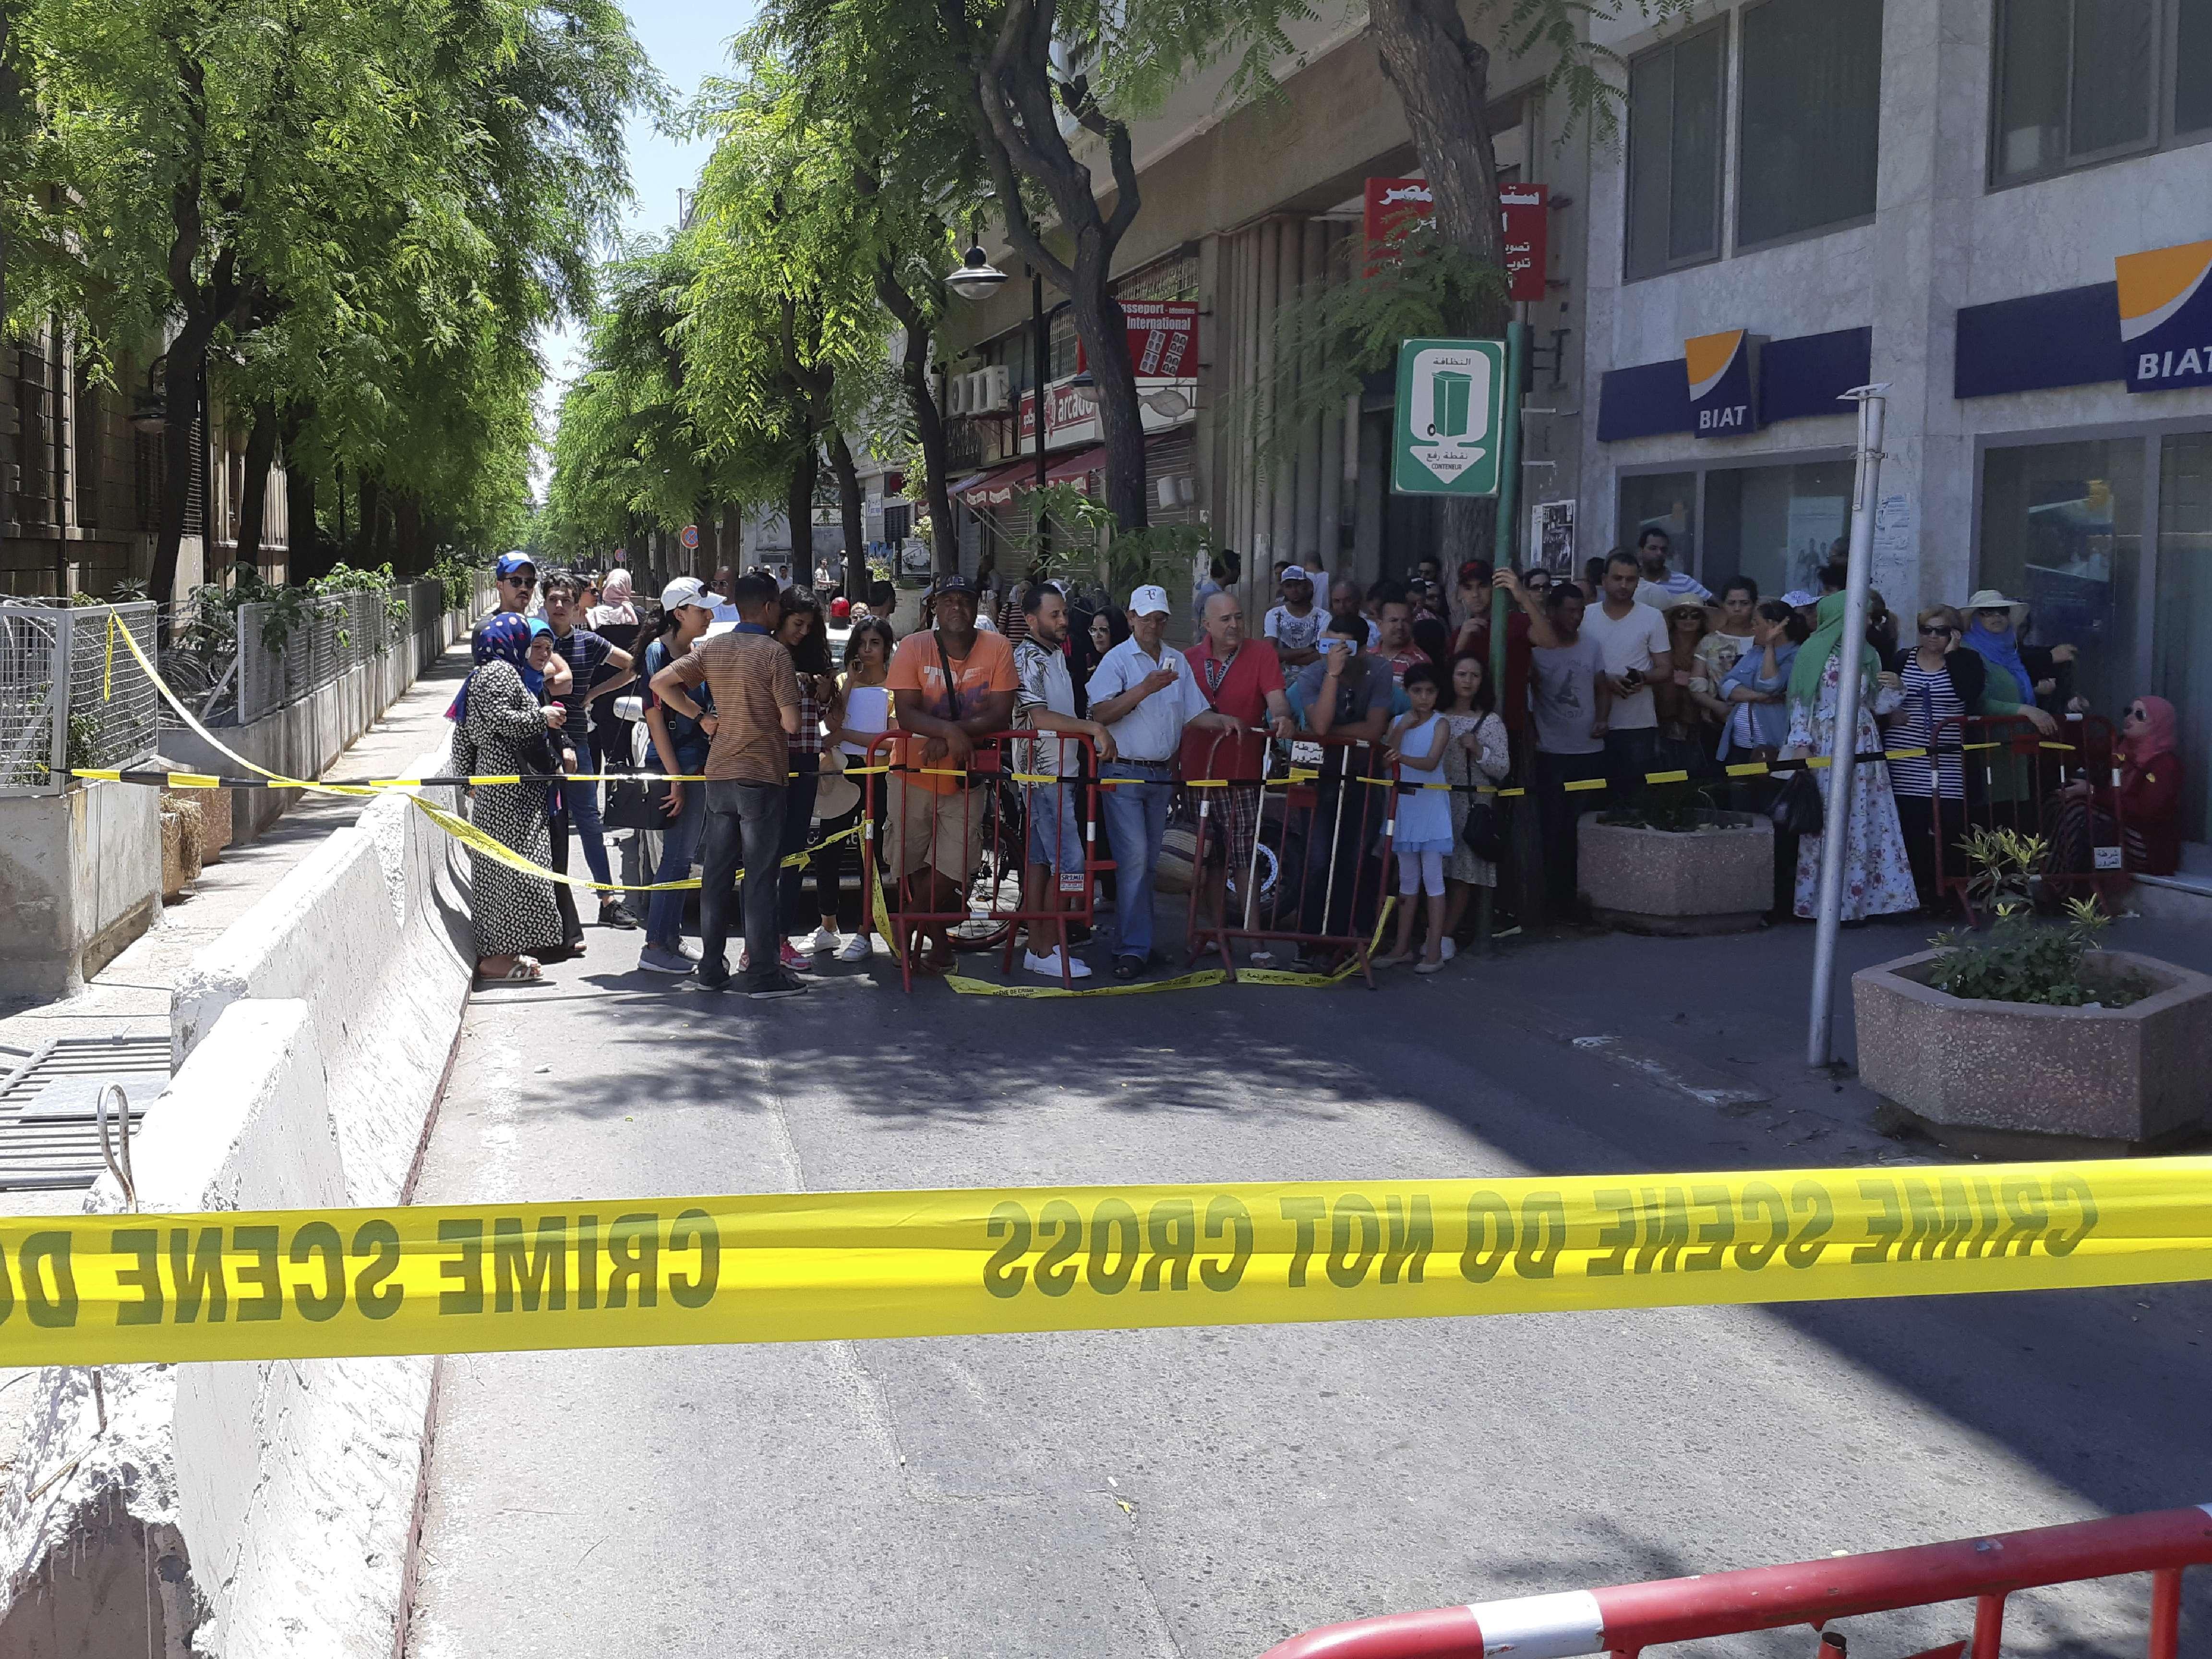 Un périmètre de sécurité autour de la zone de l'attentat commis en centre-ville de Tunis, jeudi 27 juin 2019.